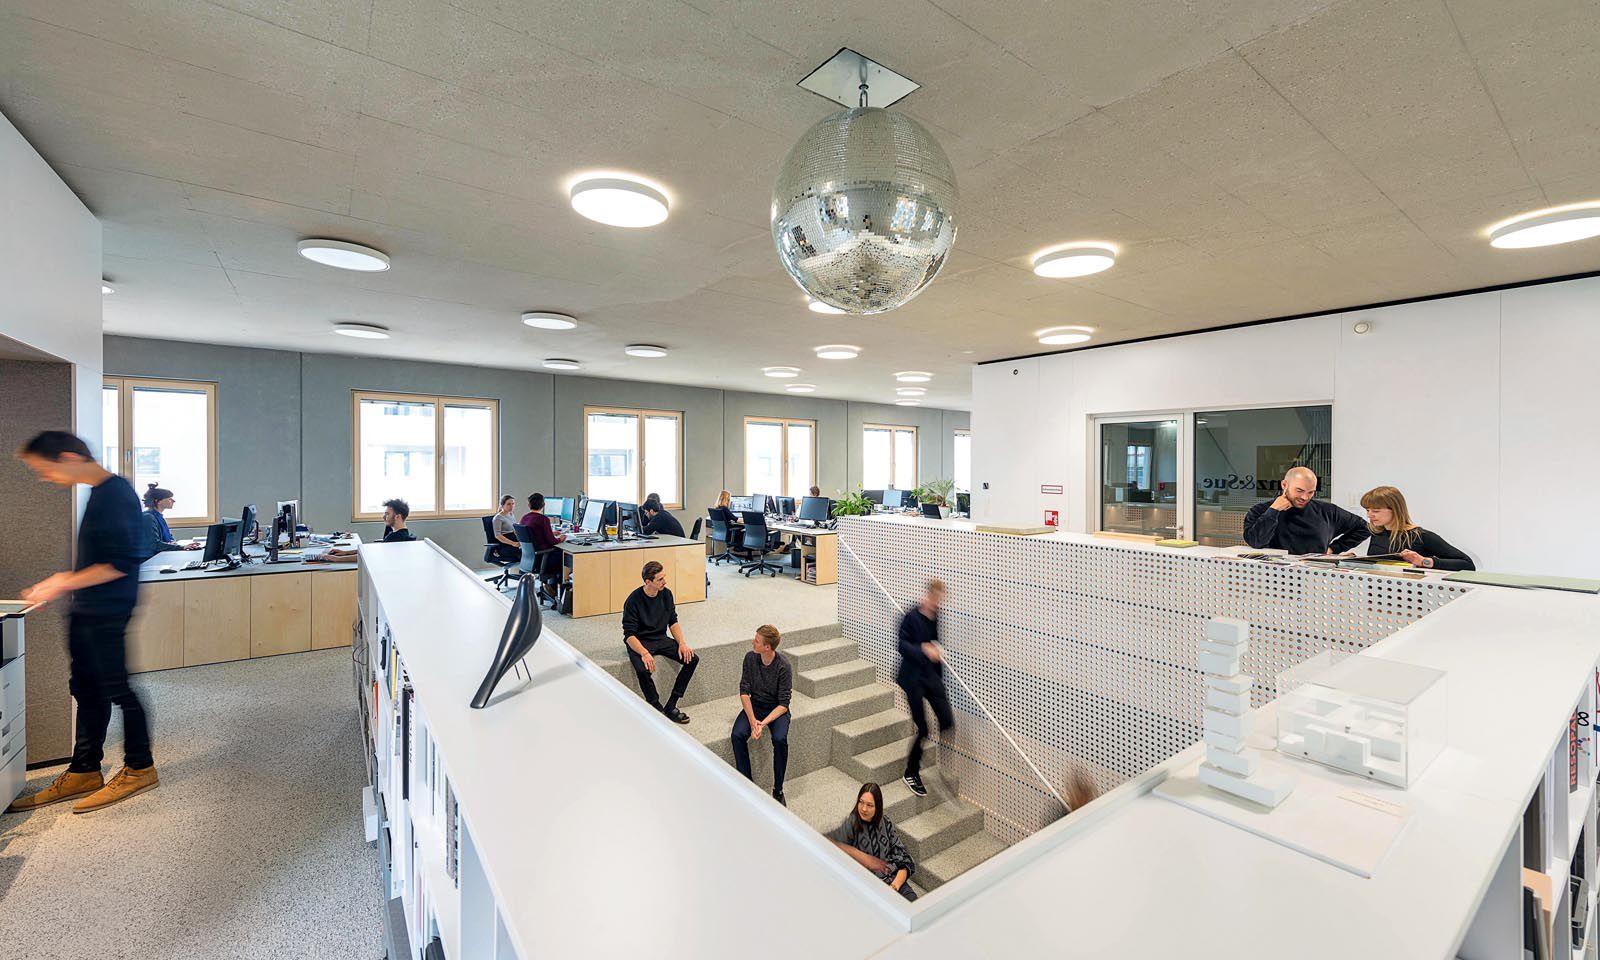 Blick vom oberen Stockwerk des Architekturbüros Franz&Sue, das im Stadtelefant zwei Ebenen als miteinander verbundene Büroräume nutzt.